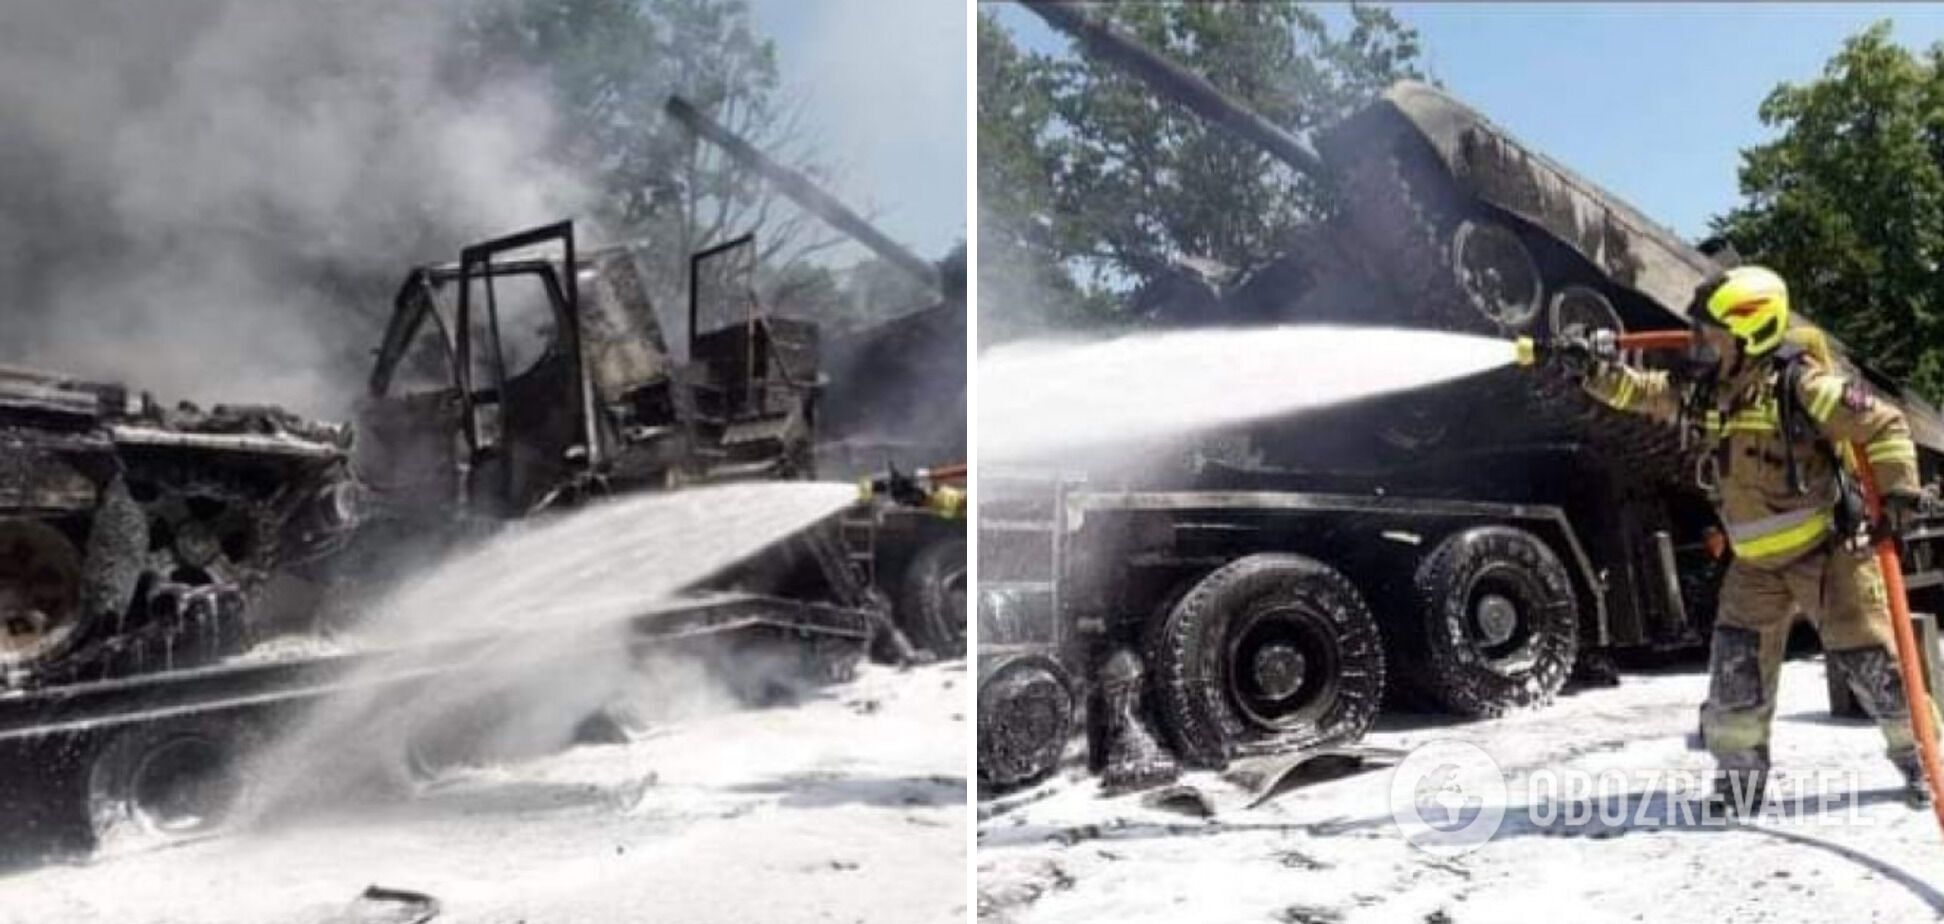 На месте аварии возник пожар